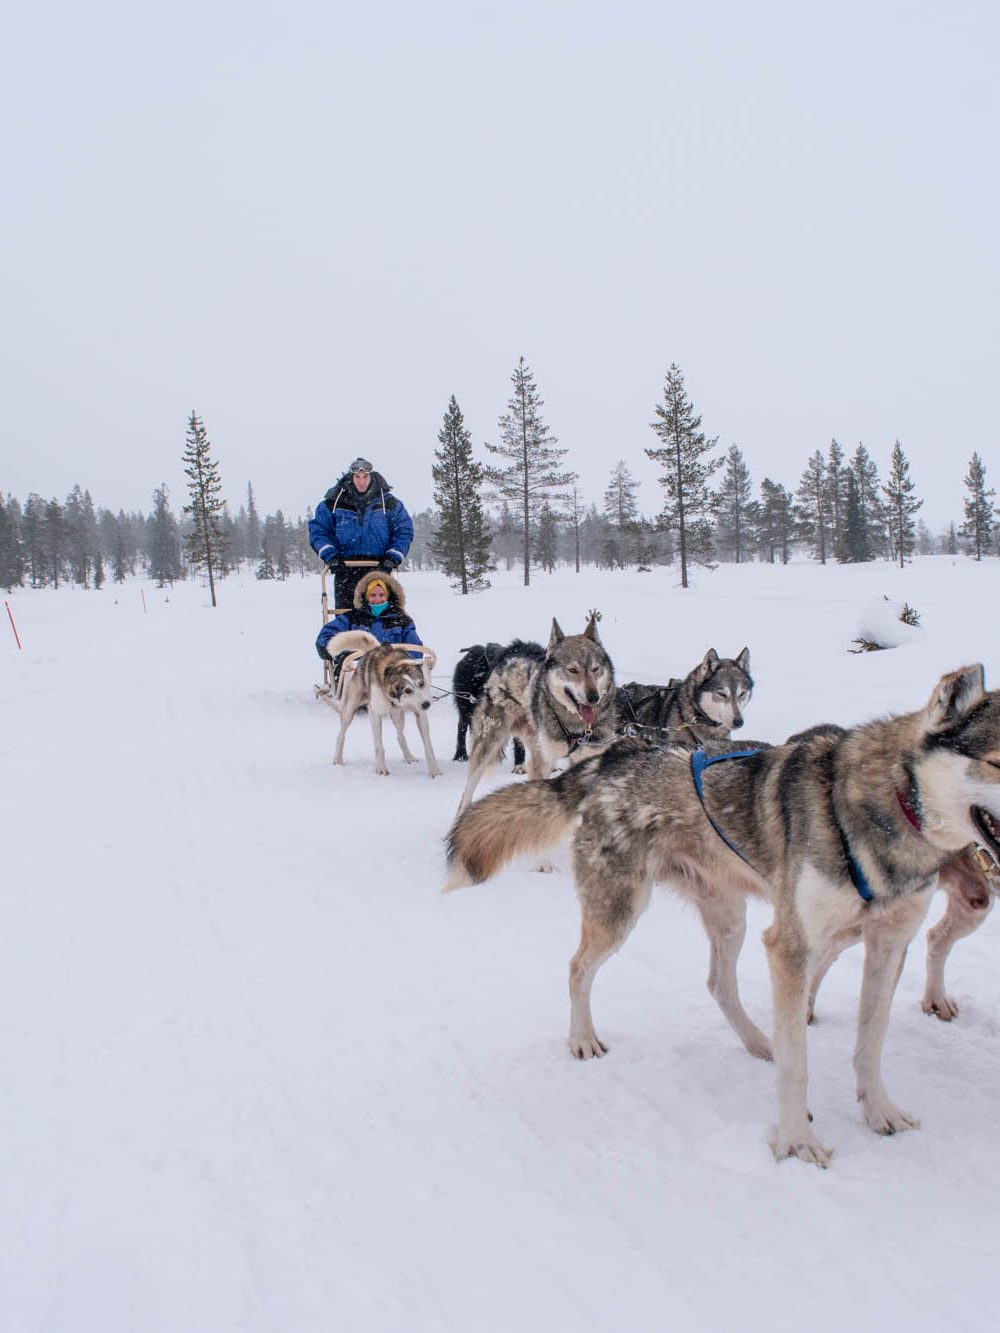 Passeio com huskies: vale a pena fazer?